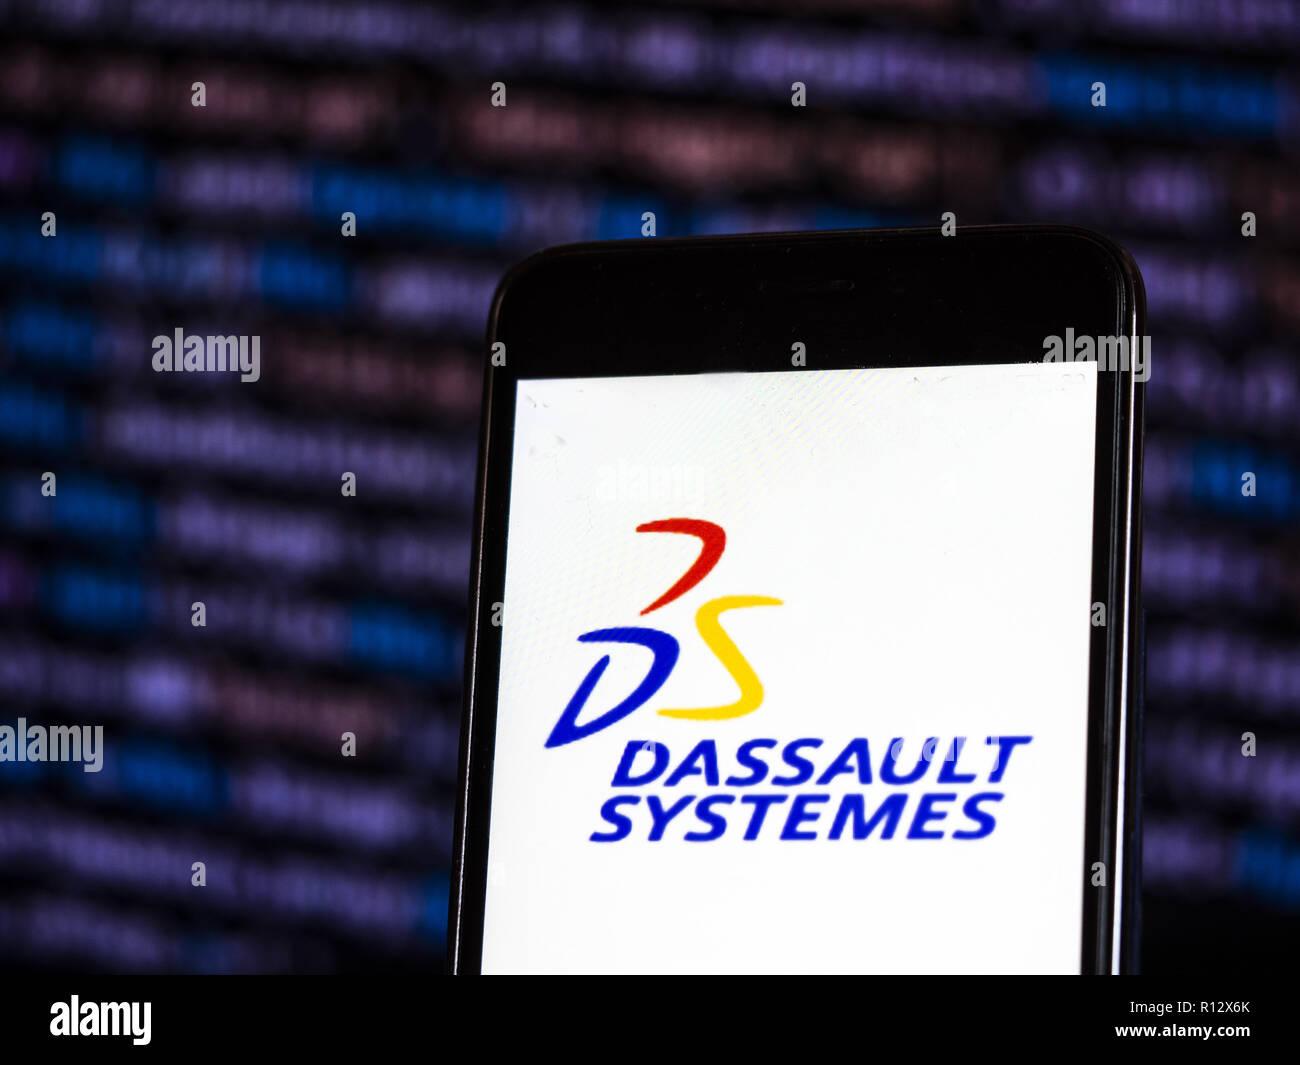 8 novembre 2018 - Kiev, Ukraine - Dassault Systèmes software logo de l'entreprise vu affichée sur téléphone intelligent. Dassault Systèmes, ''3DEXPERIENCE Company'', est une entreprise de logiciels européen basé à Vélizy-Villacoublay, France qui développe la conception 3D, 3D, maquette numérique et logiciel de gestion du cycle de vie des produits (crédit Image: © Igor Golovniov/SOPA des images à l'aide de Zuma sur le fil) Banque D'Images